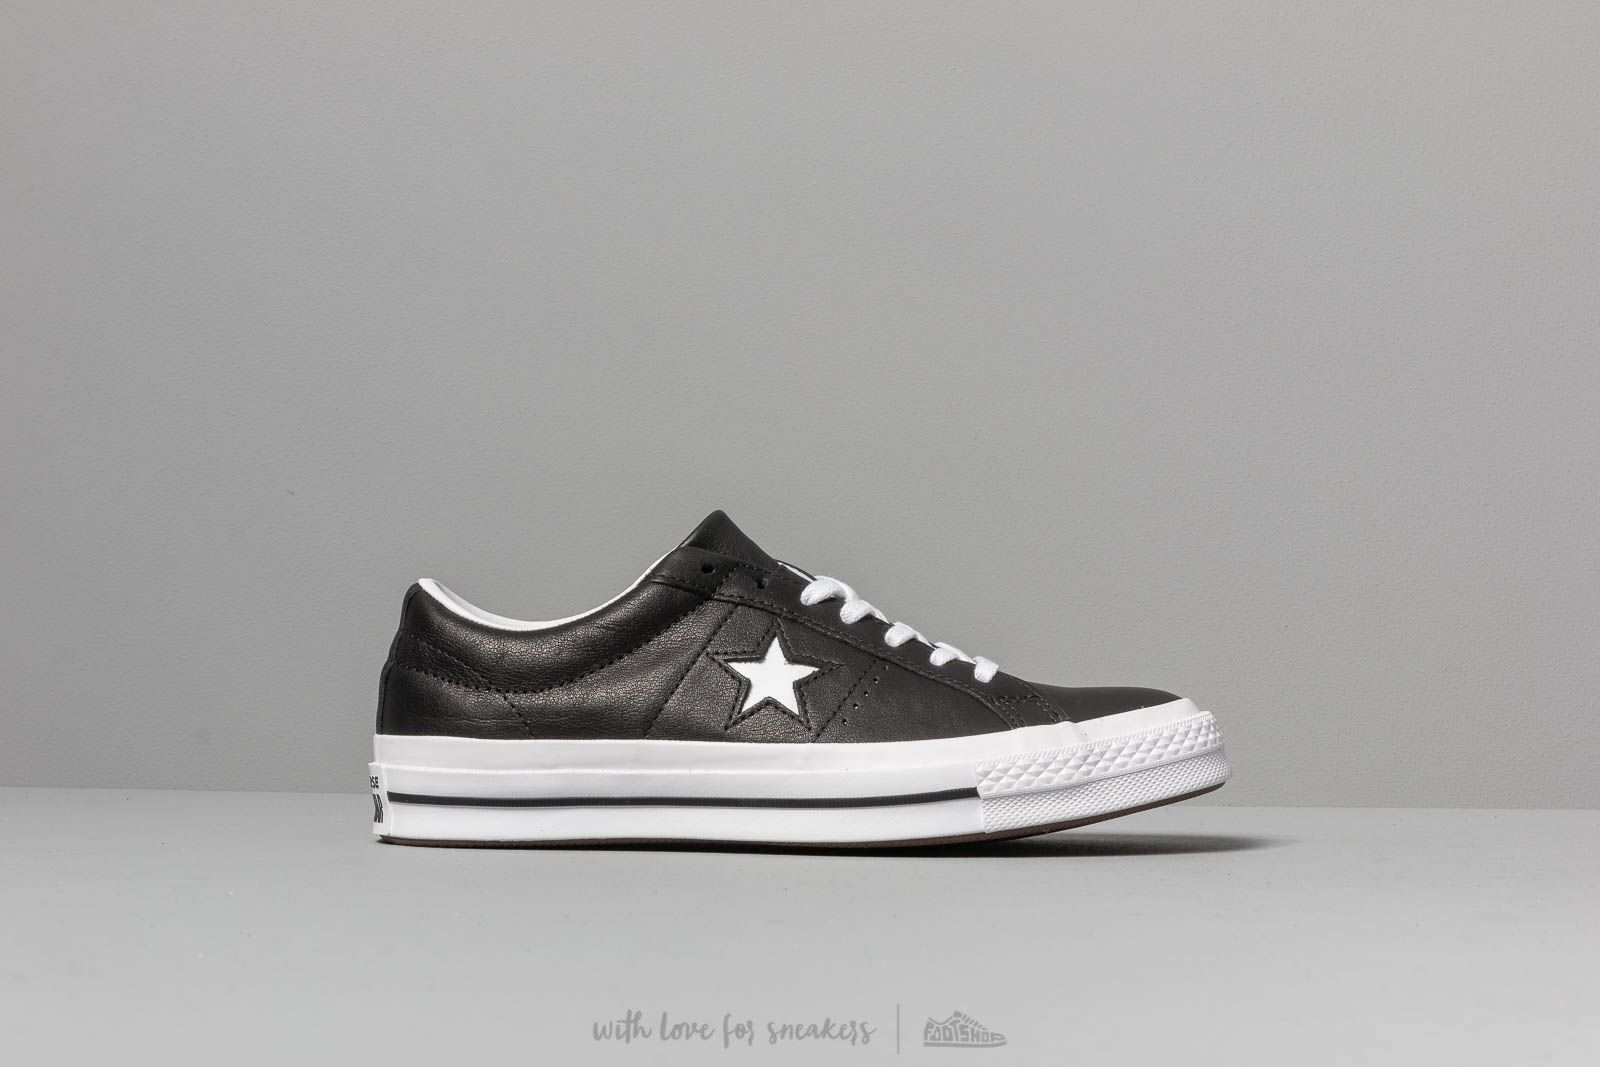 a2aa5469ffec Converse One Star Black nagyszerű árakon 31 362 Ft vásárolj a Footshopban